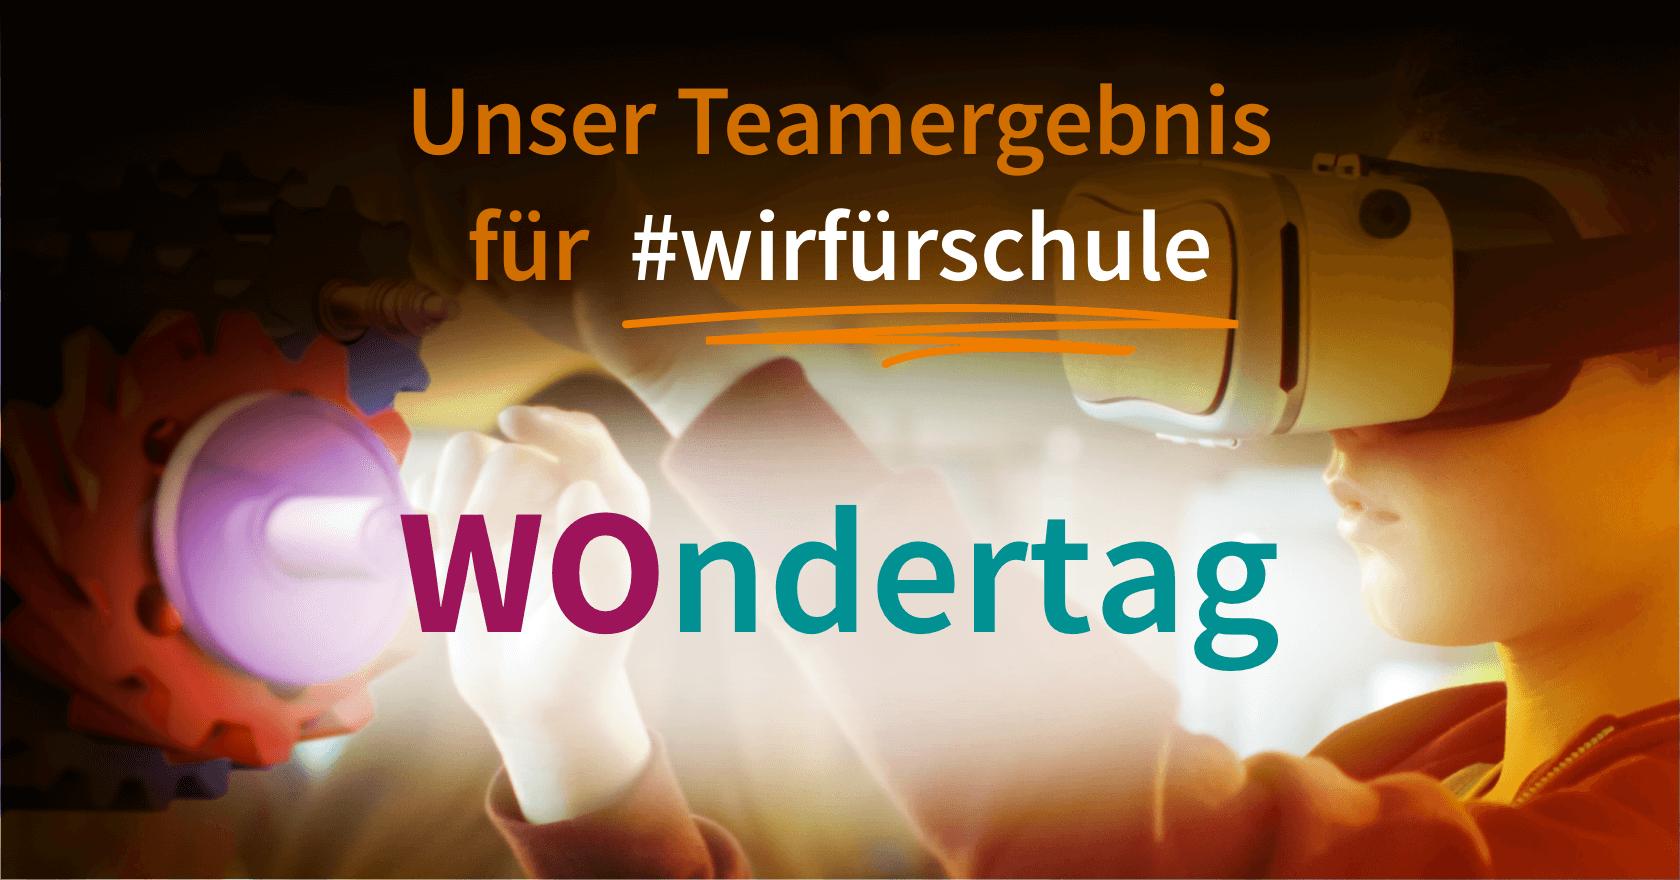 Teamidee wondertag | Sie wollen eine App, Software oder Webanwendung, die auf dem Markt wettbewerbsfähig ist? Wir helfen Ihnen dabei: UX Consulting, UX Konzept & UI Design | App, Software & Web | UX-Büro in Odenthal (in der Nähe von Köln, Bergisch Gladbach, Leverkusen und Düsseldorf) | User Experience Consulting, User Experience Konzept & User Interface Design